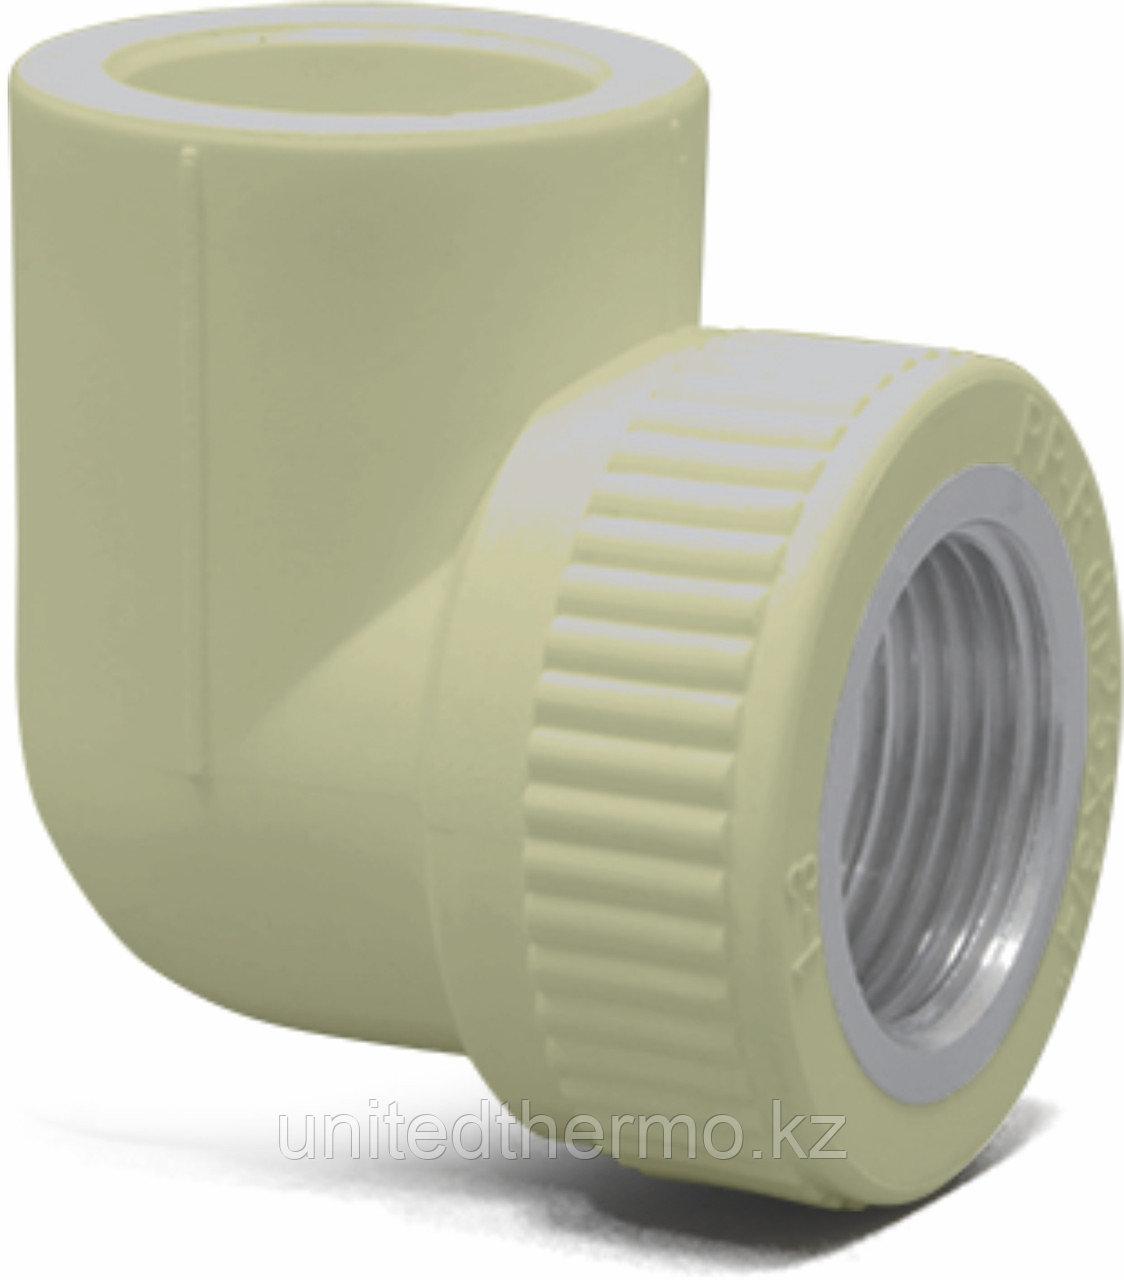 Угол 90° ВР 20Х3/4 комбинированный Fusitek (СЕРЫЙ)